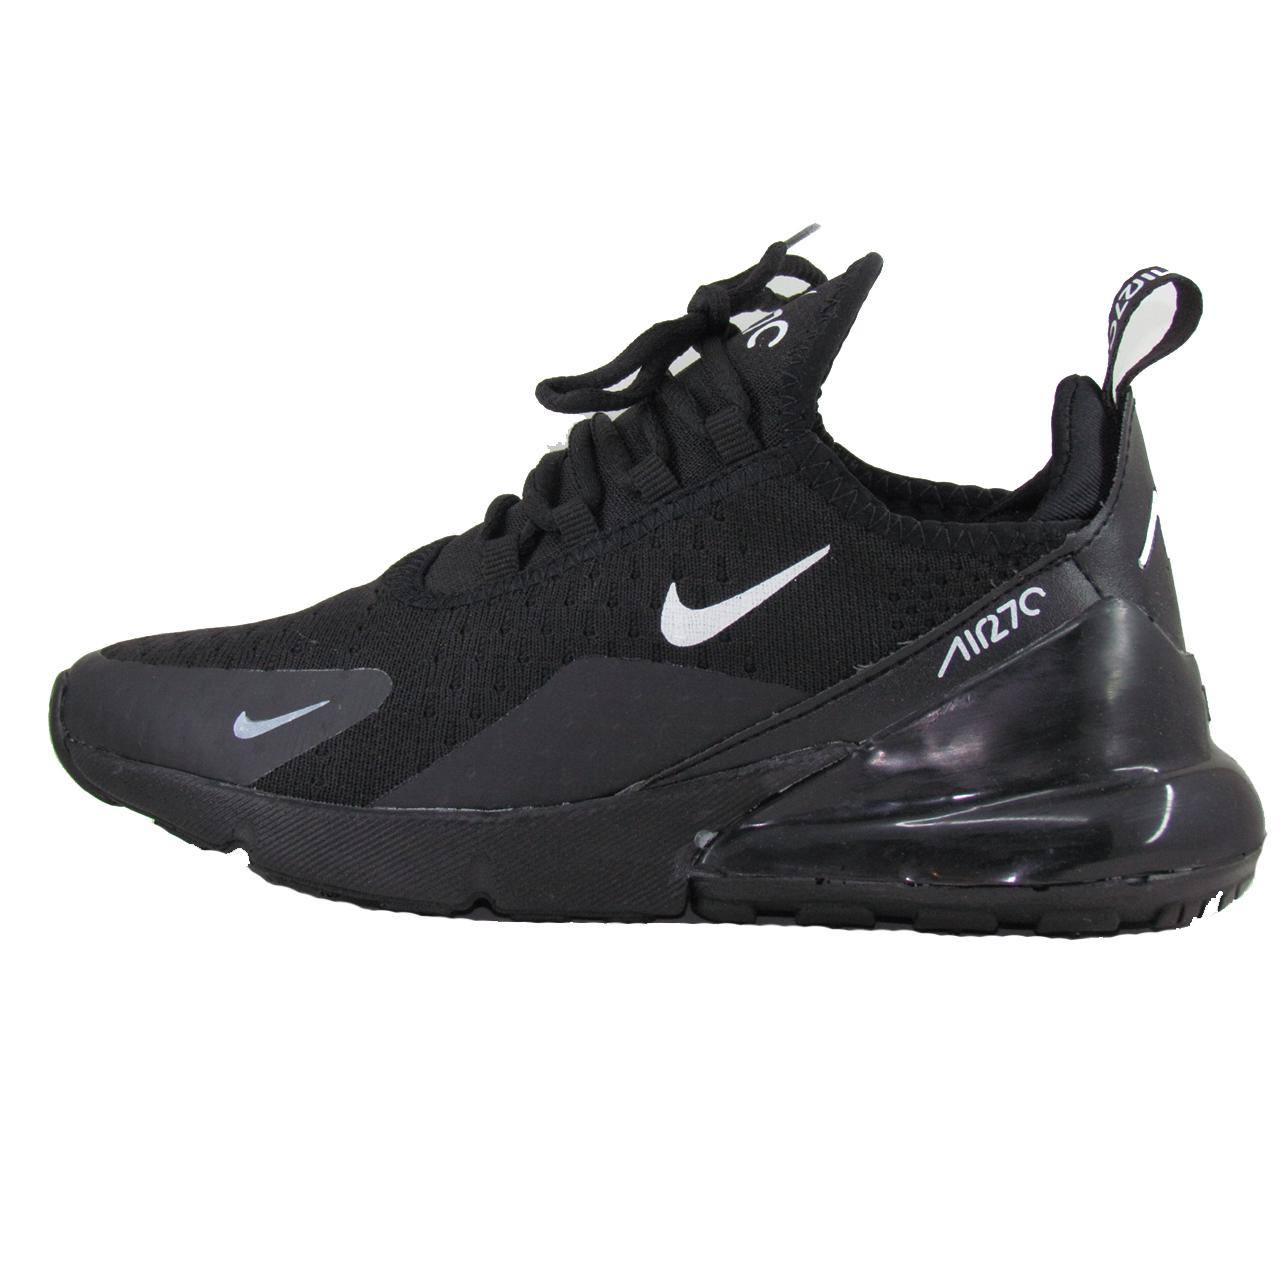 قیمت کفش مخصوص پیاده روی مردانه مدل 207 MIRACLE